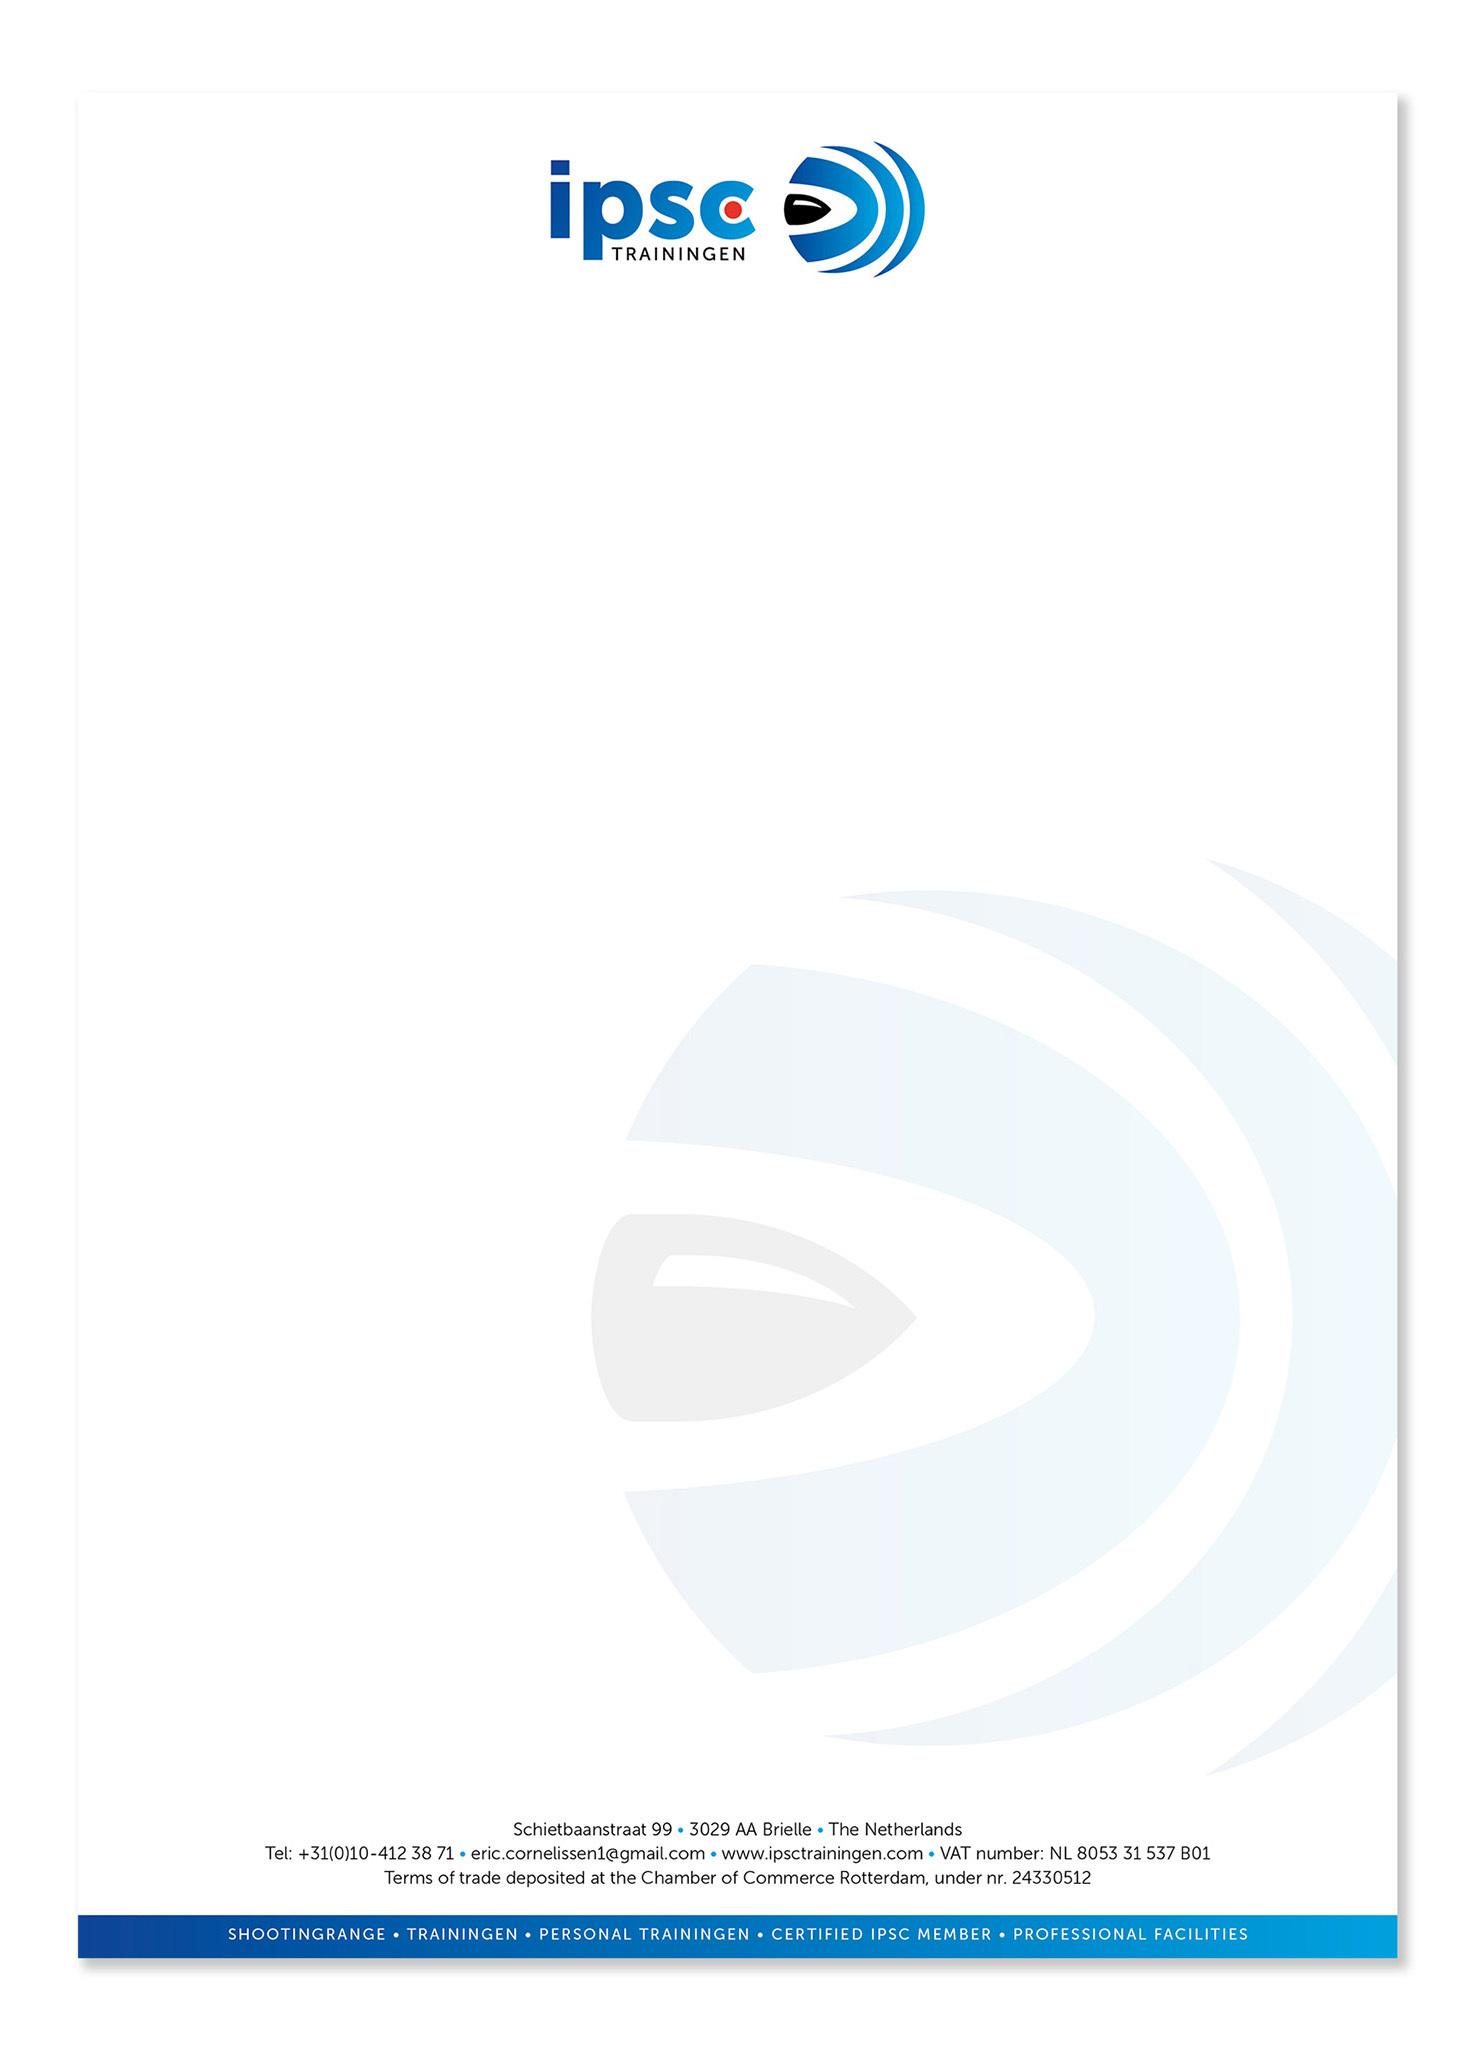 IPSC_Briefpapier